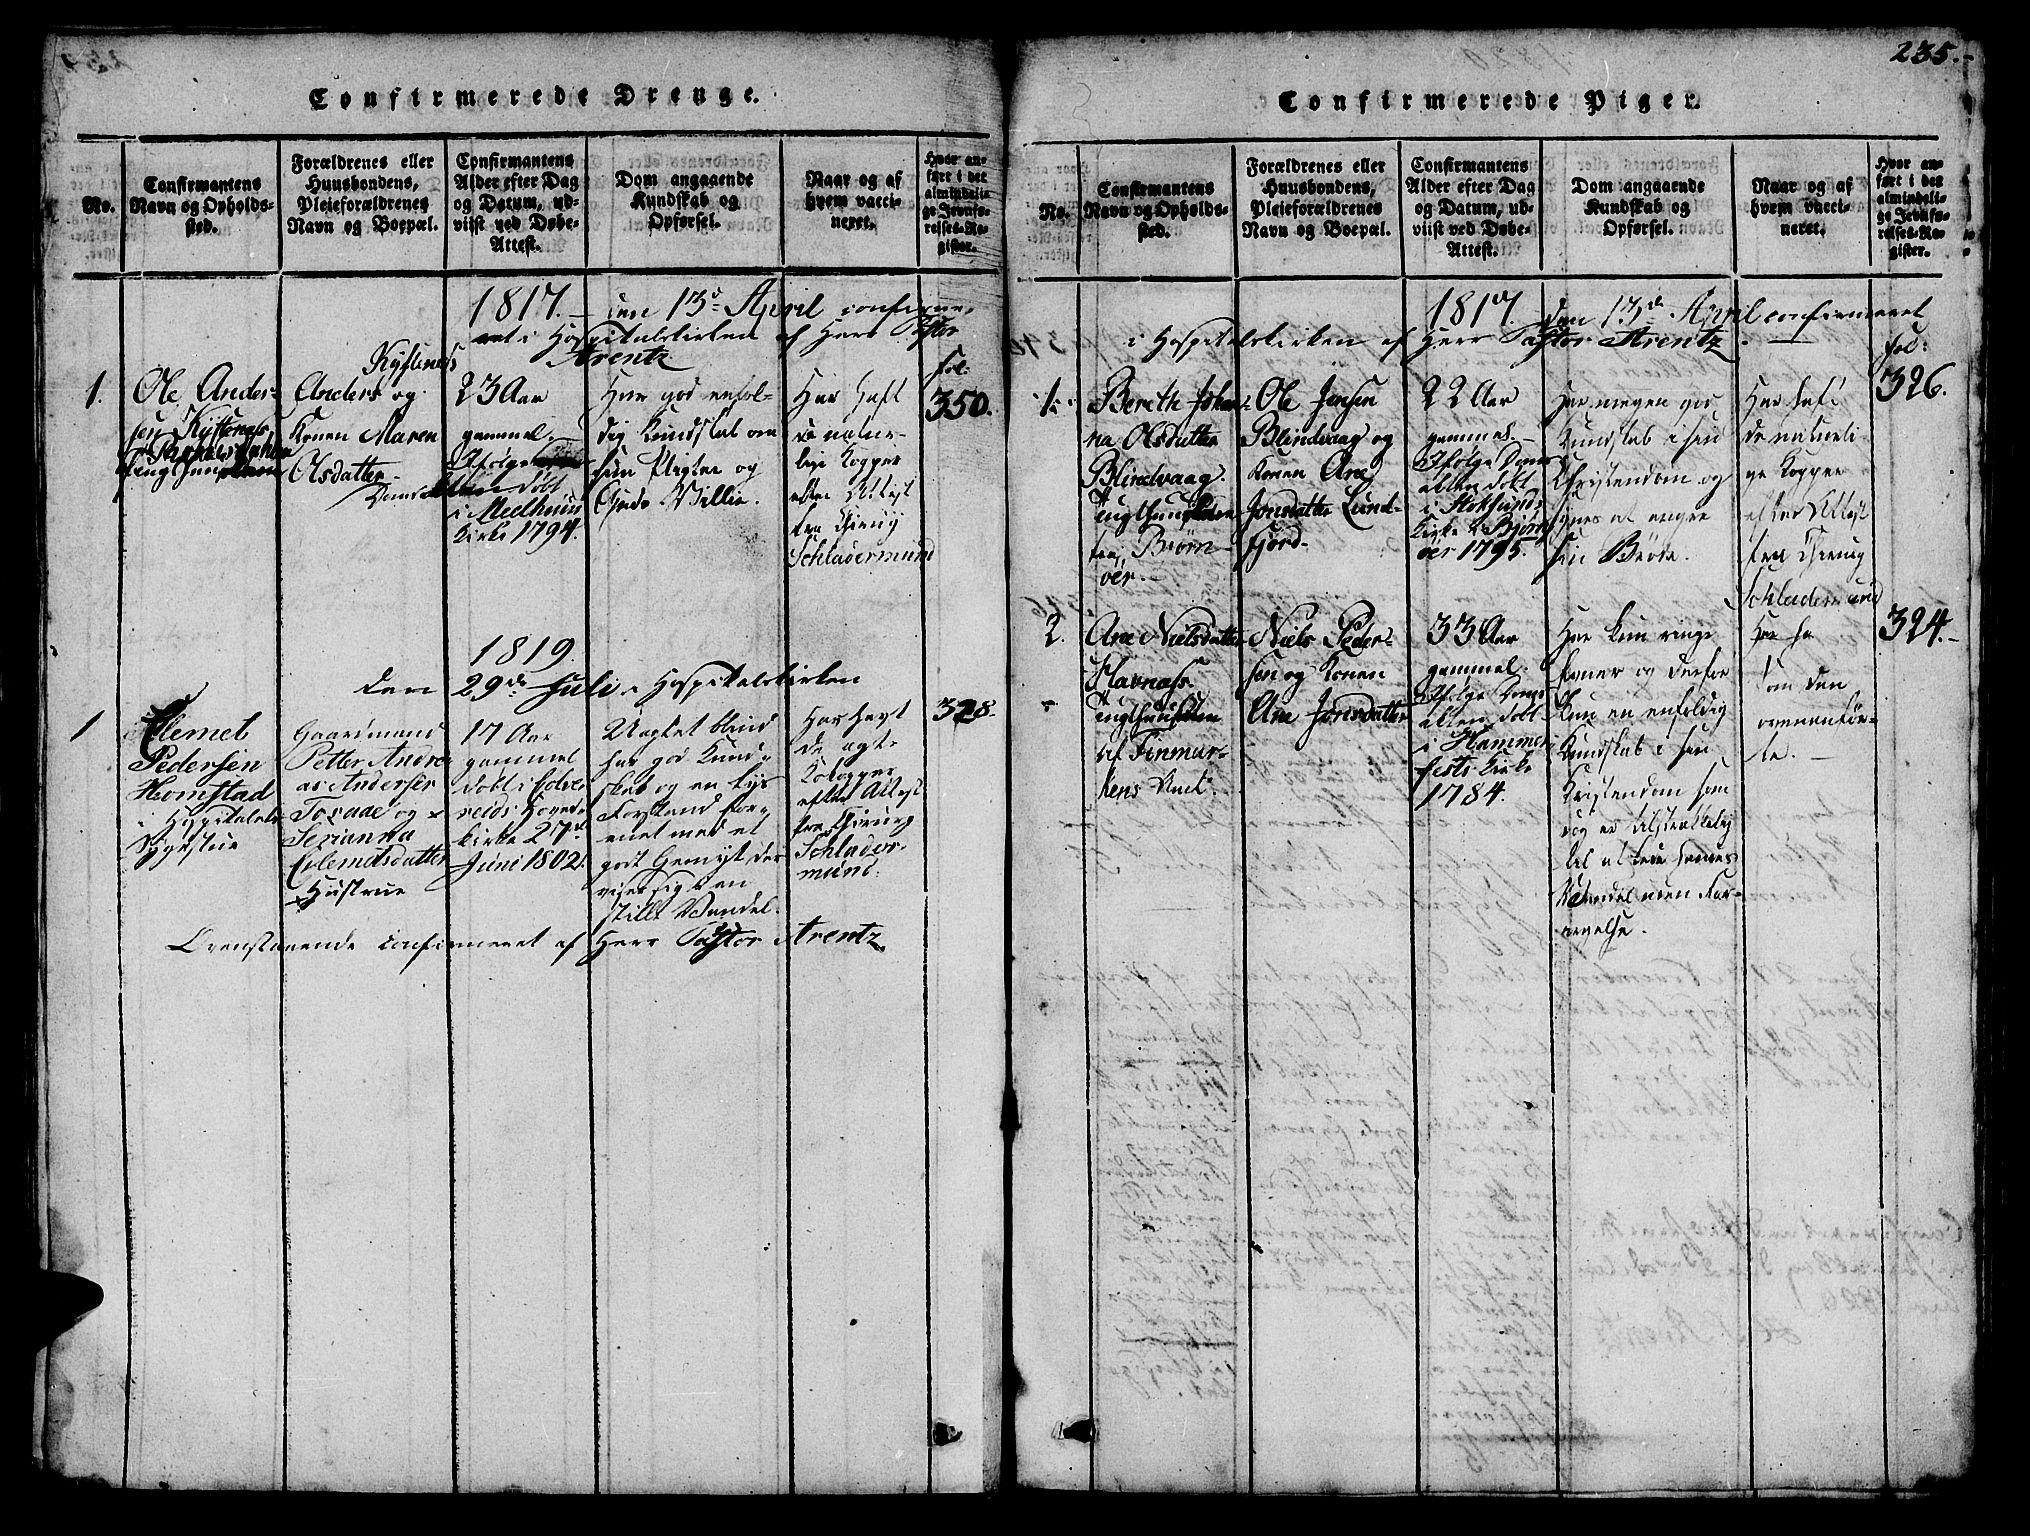 SAT, Ministerialprotokoller, klokkerbøker og fødselsregistre - Sør-Trøndelag, 623/L0478: Klokkerbok nr. 623C01, 1815-1873, s. 235